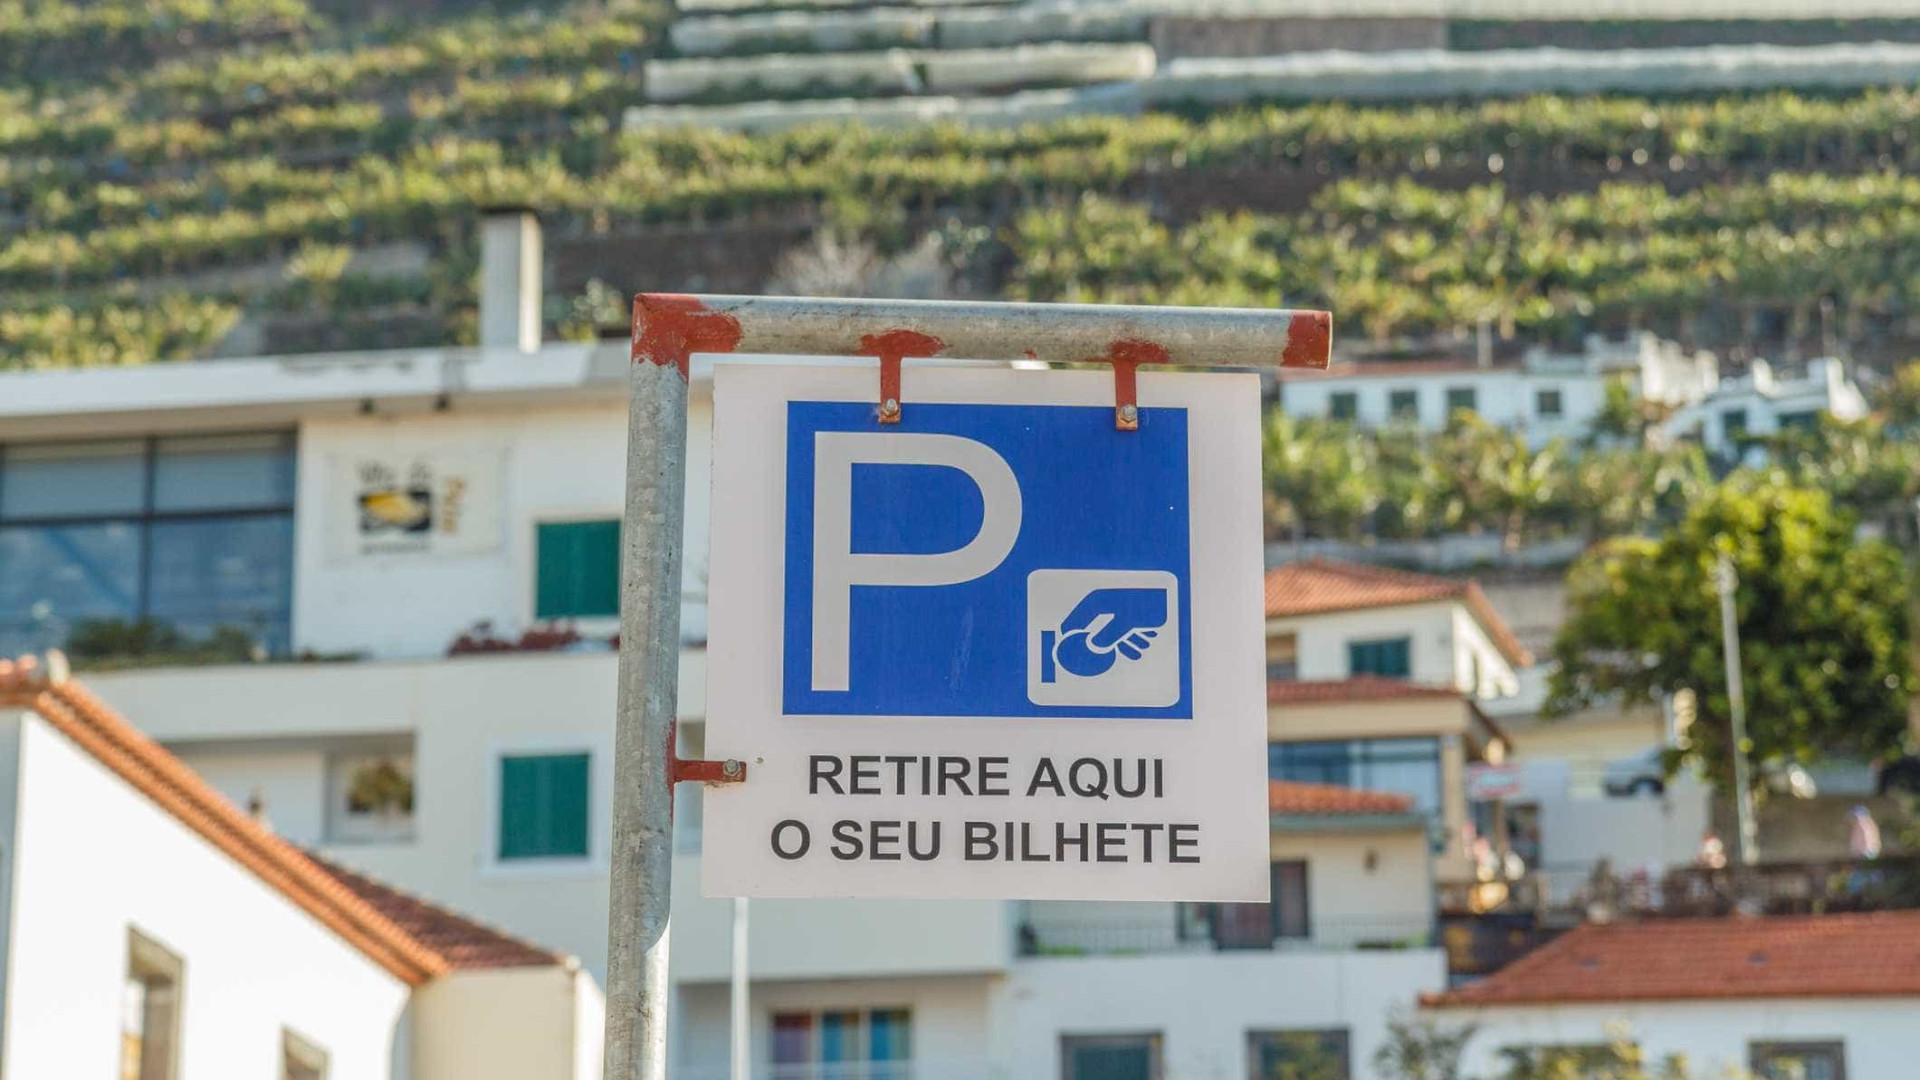 Receitas de estacionamento em Portugal crescem 5,7% em 2016